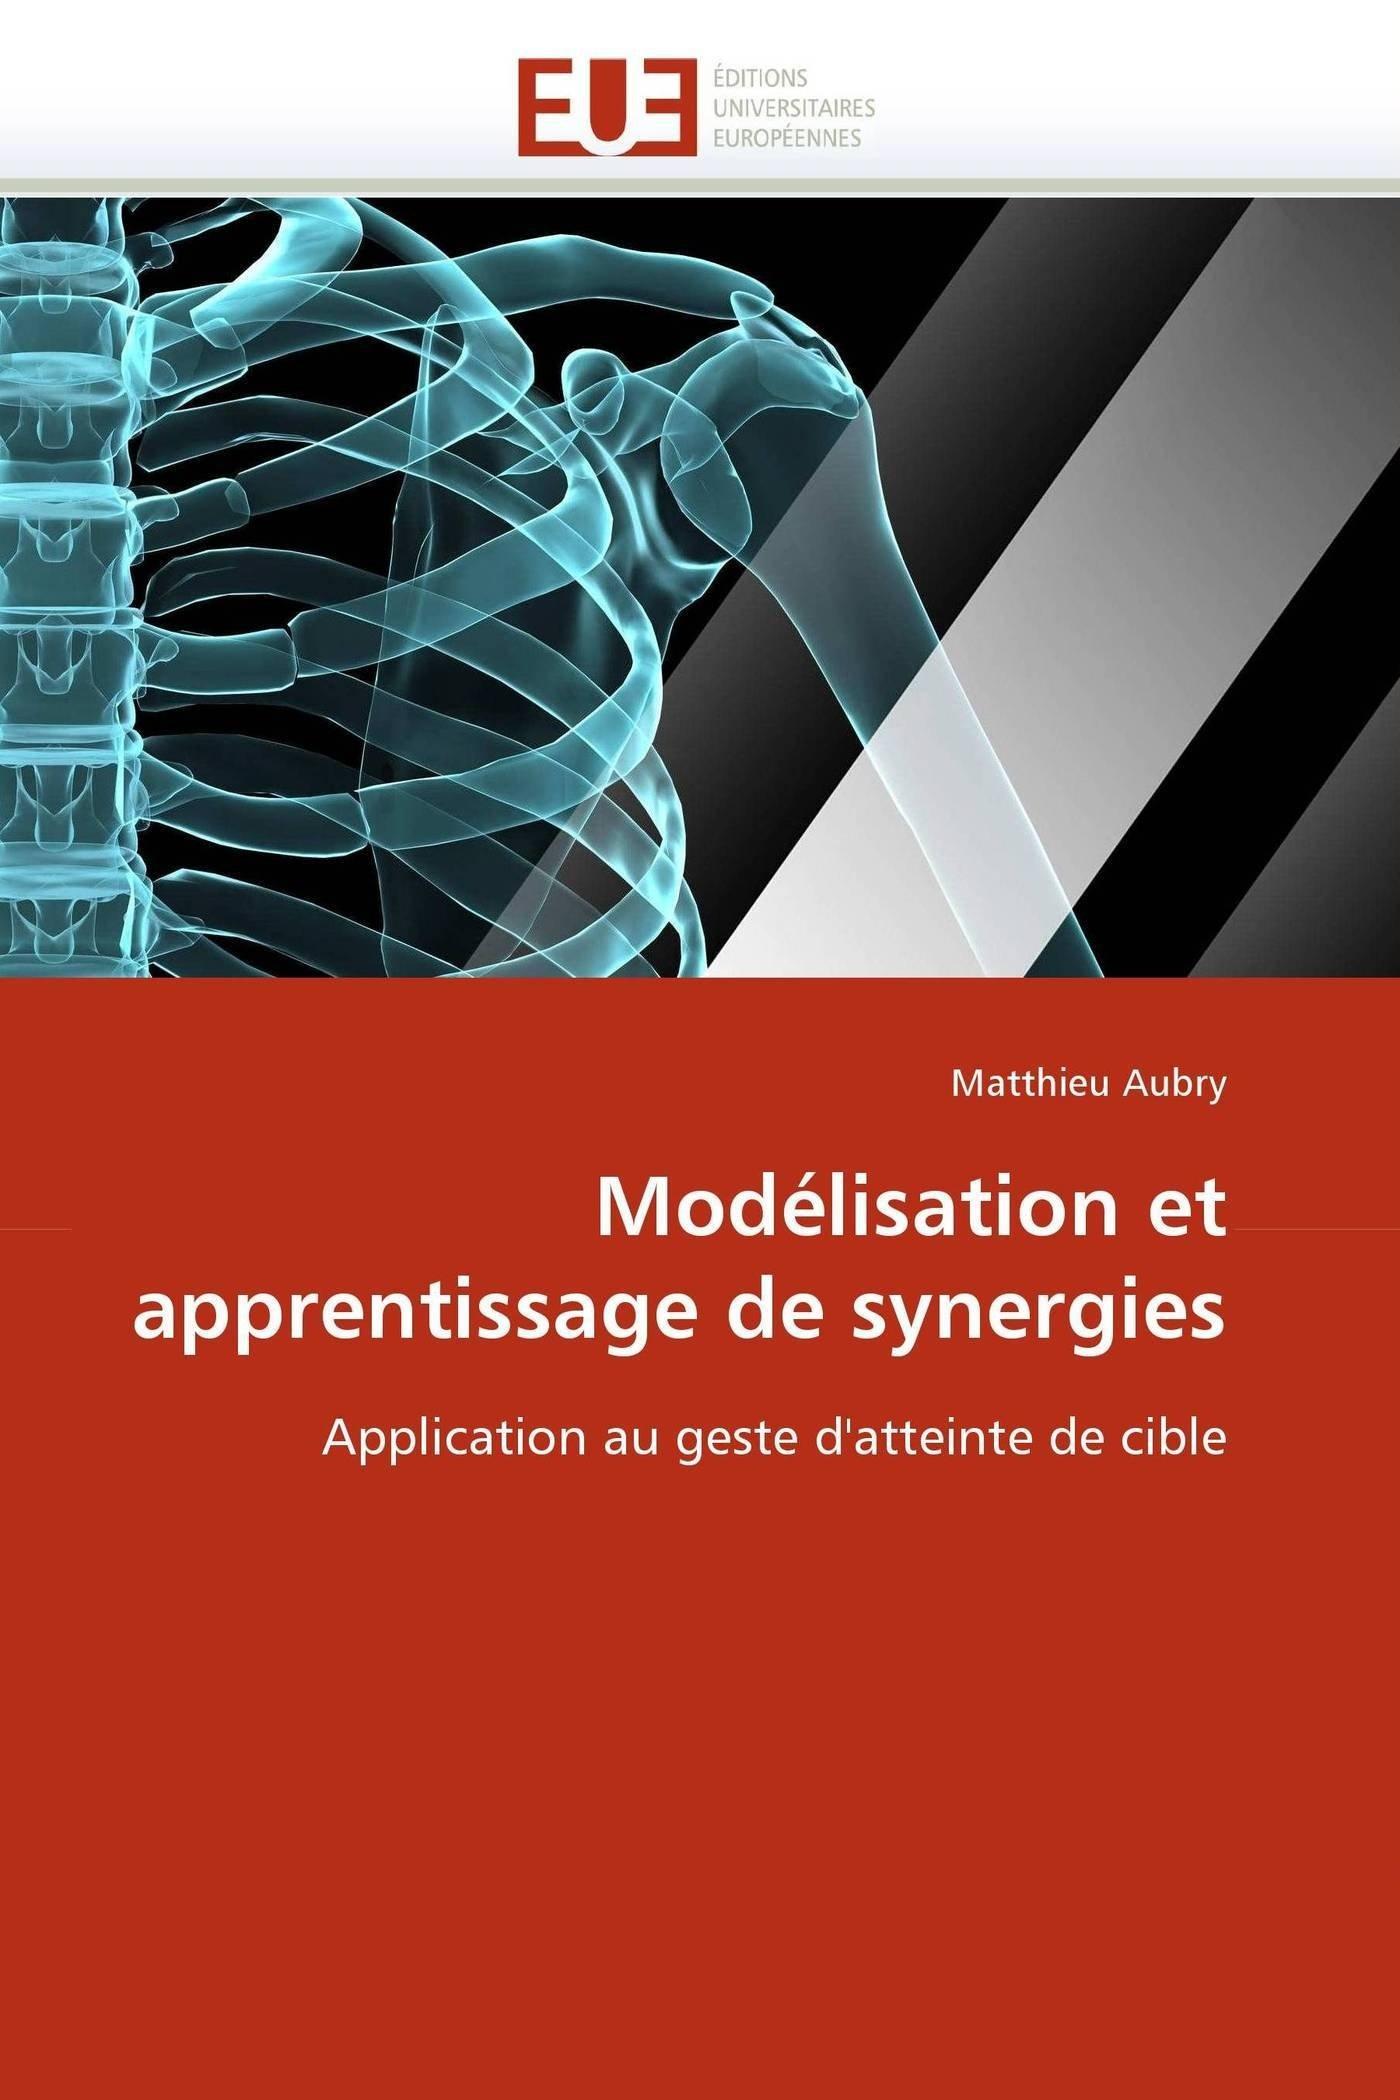 Read Online Modélisation et apprentissage de synergies: Application au geste d'atteinte de cible (Omn.Univ.Europ.) (French Edition) PDF